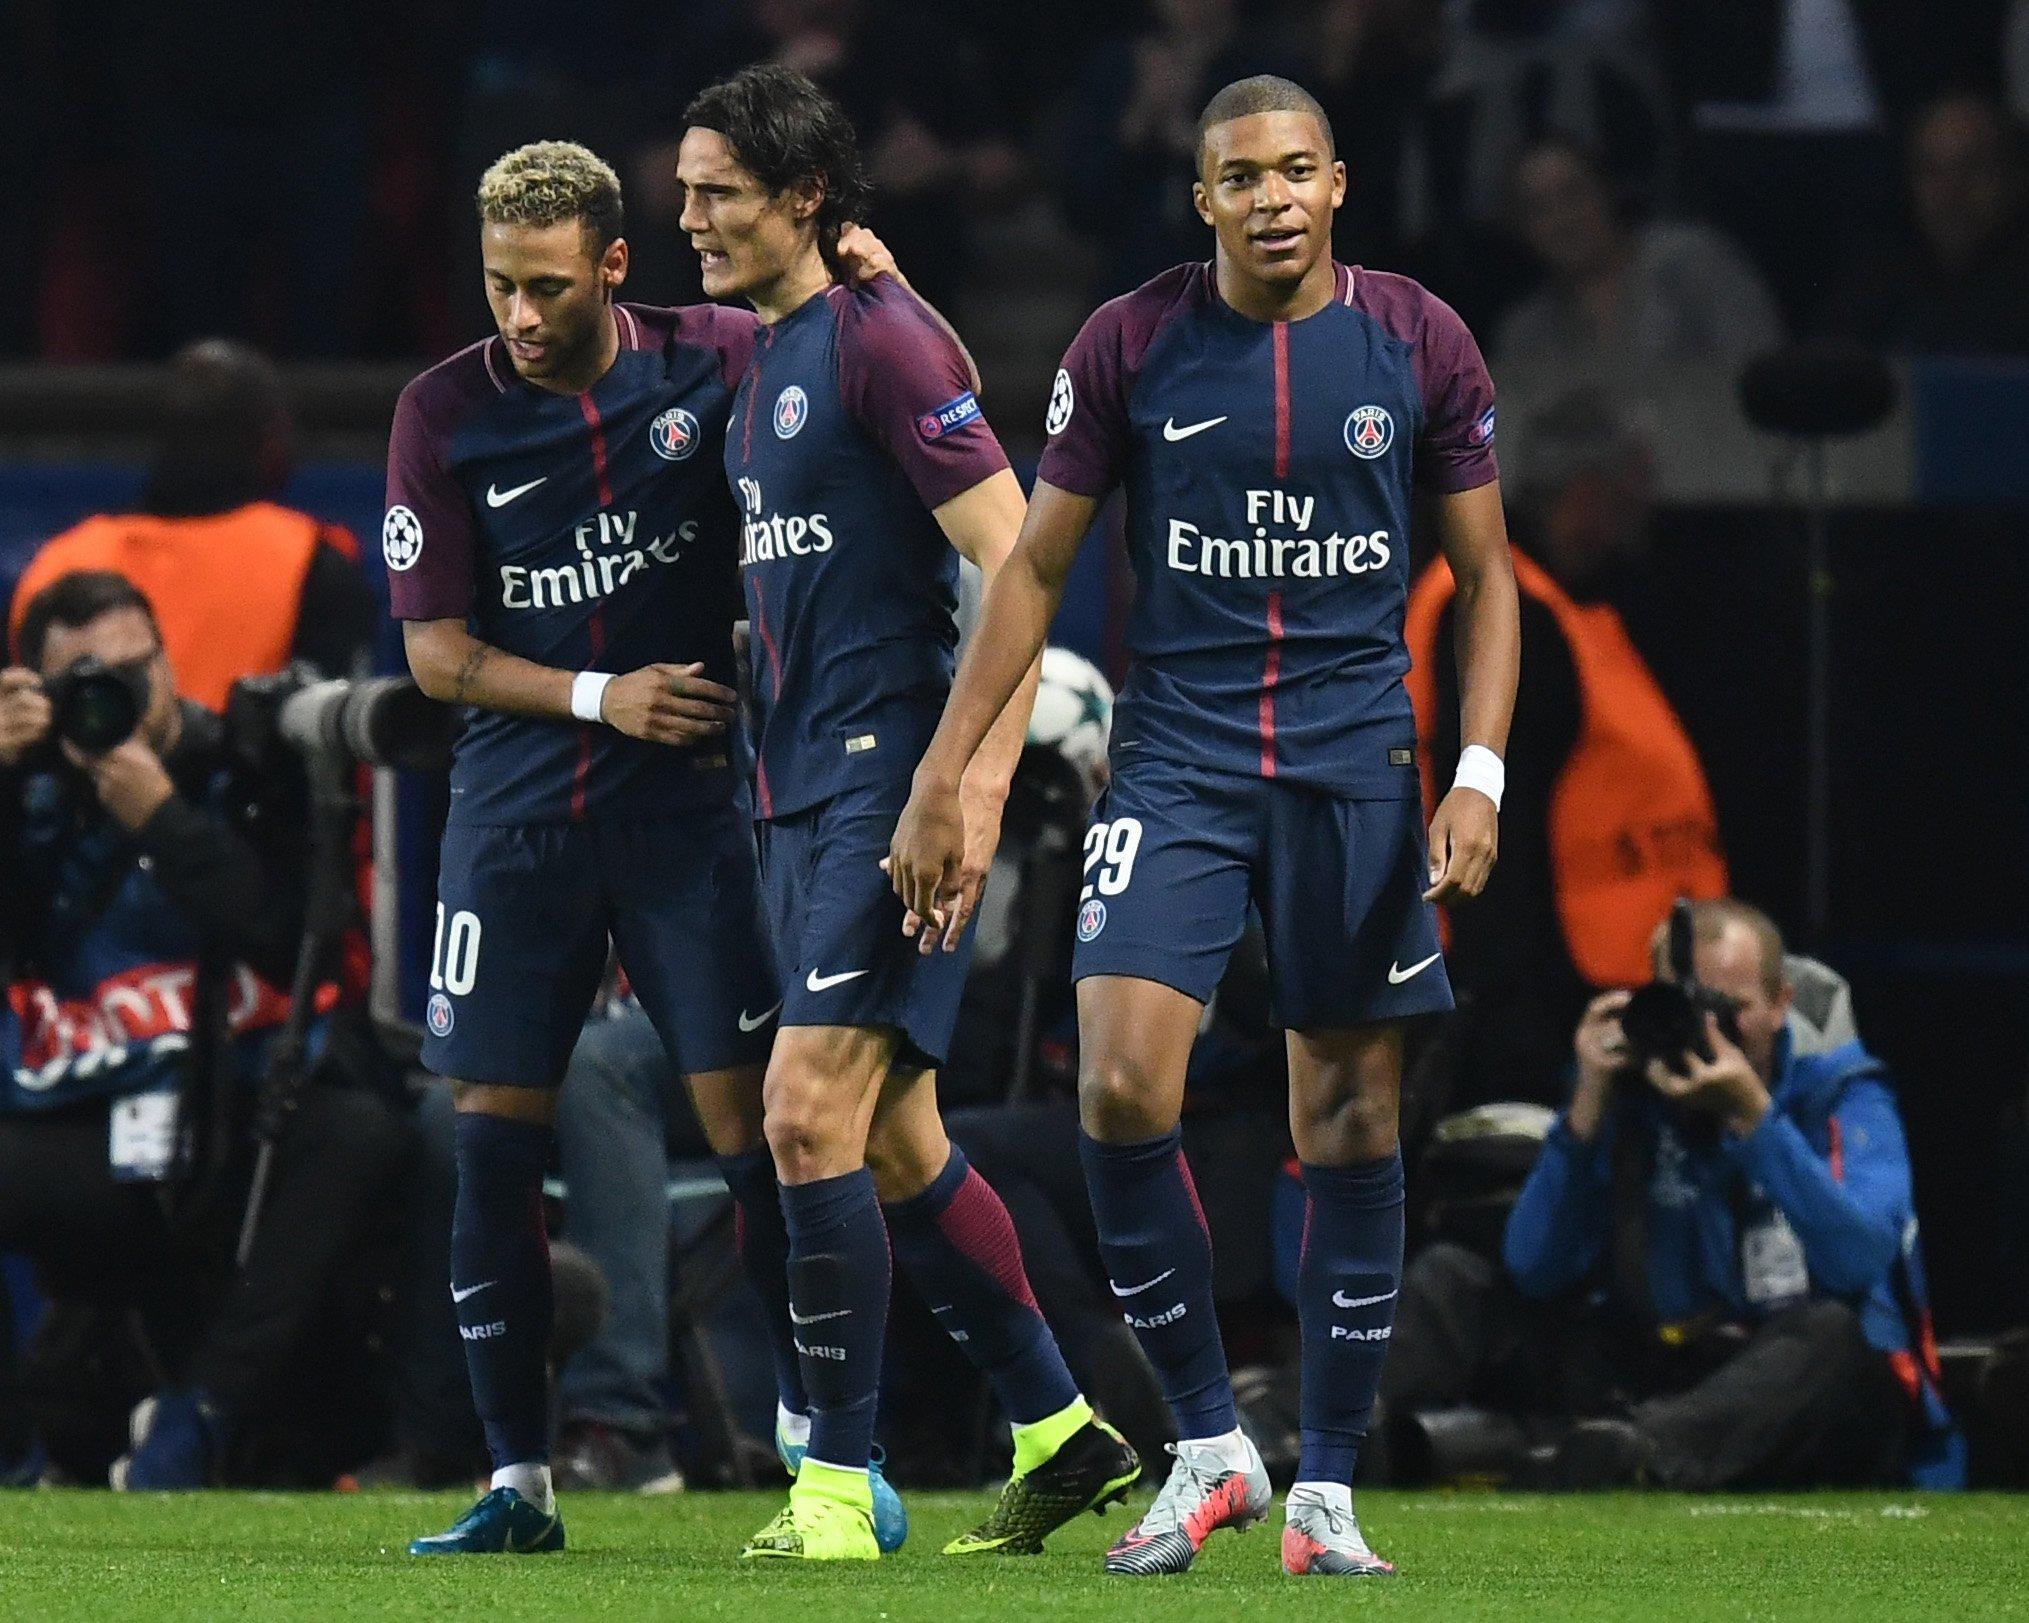 球趣网 国际冠军杯巴黎圣日耳曼VS马德里竞技分析 高看马竞一线